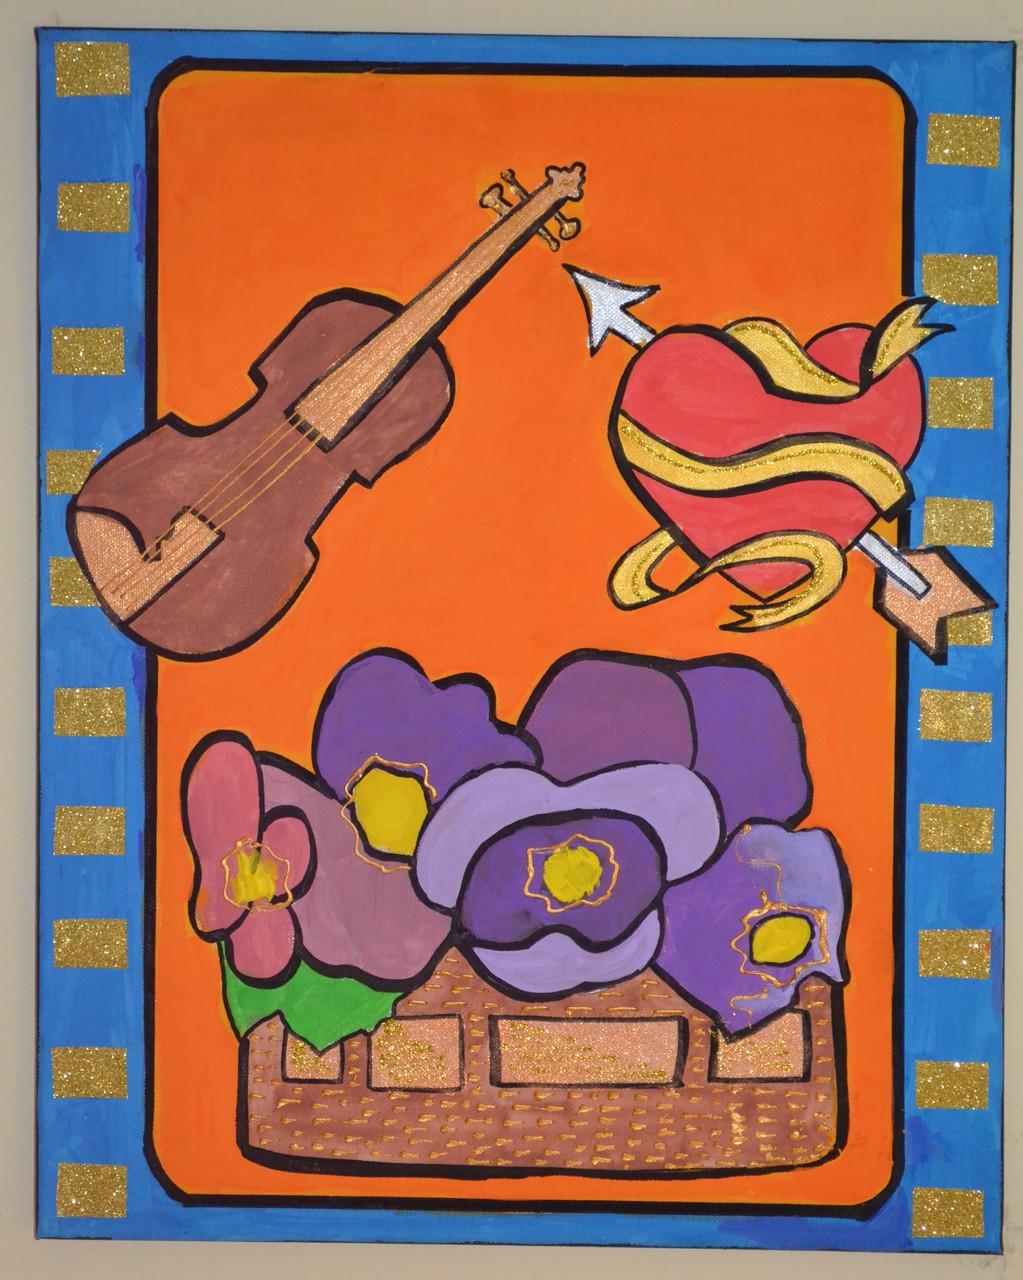 I quadri dipinti dai bambini!